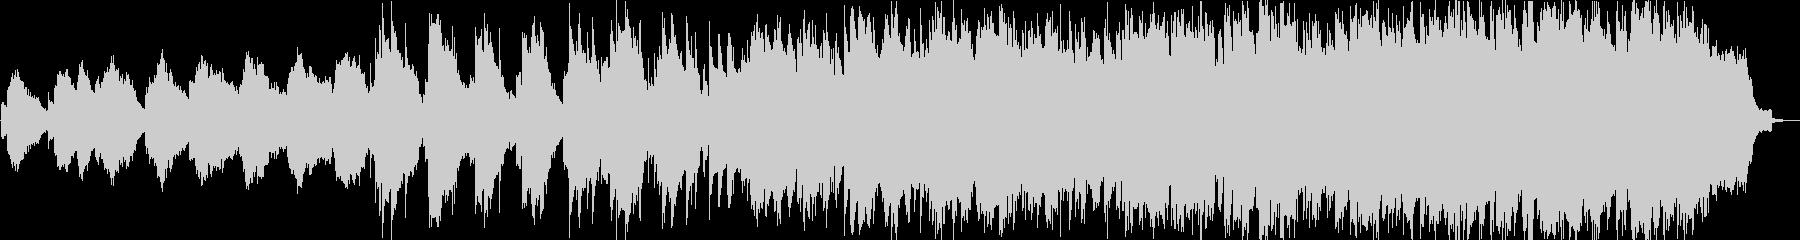 波音と笛とシンセサイザーのヒーリング音楽の未再生の波形